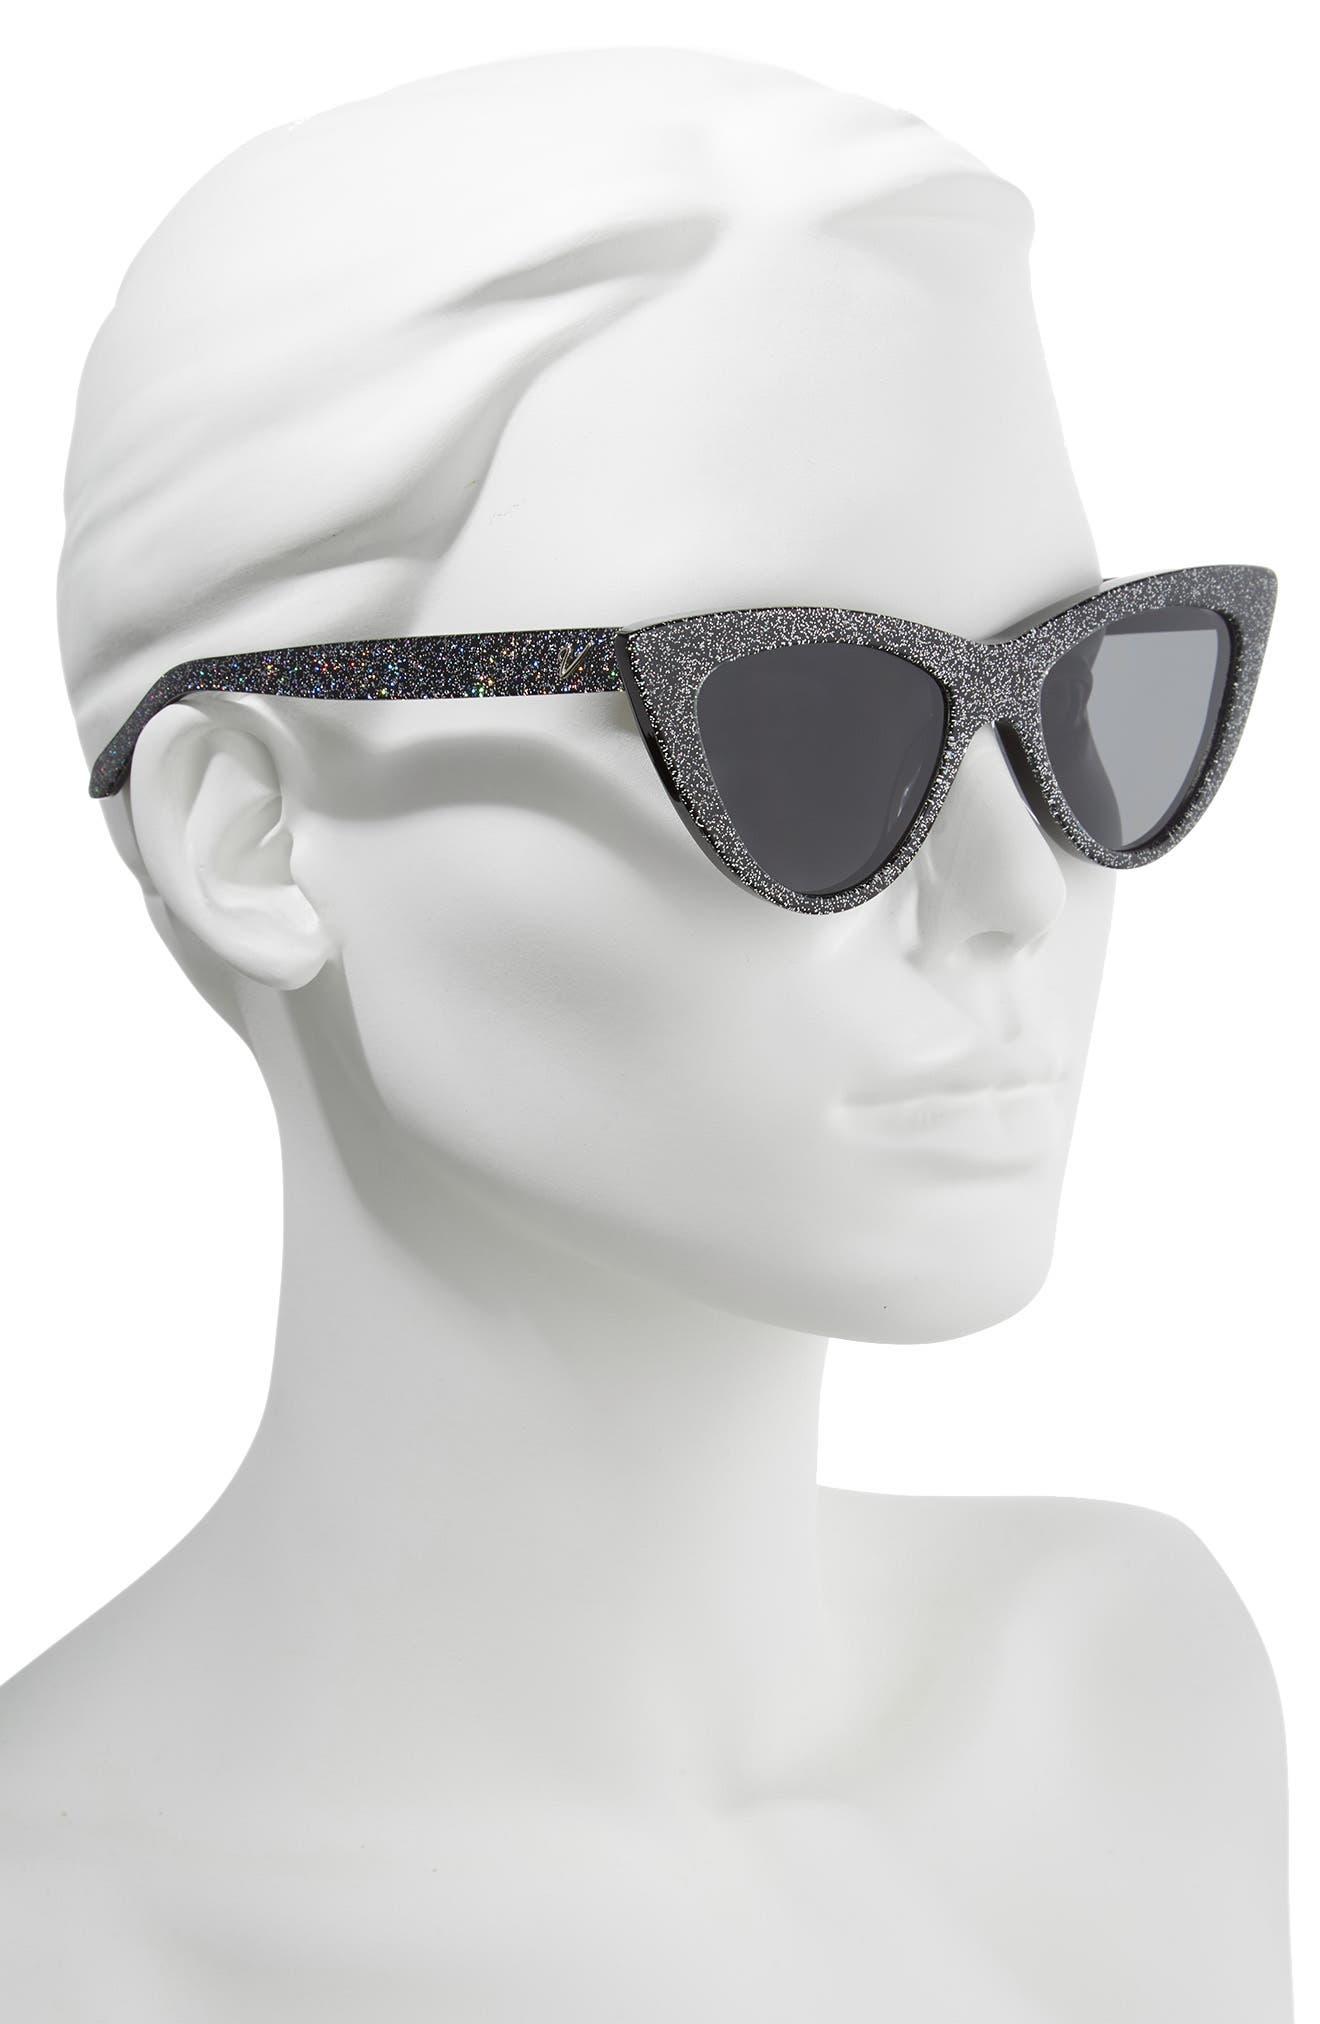 Nancy 53mm Cat Eye Sunglasses,                             Alternate thumbnail 2, color,                             MULTI GLITTER/ SMOKE